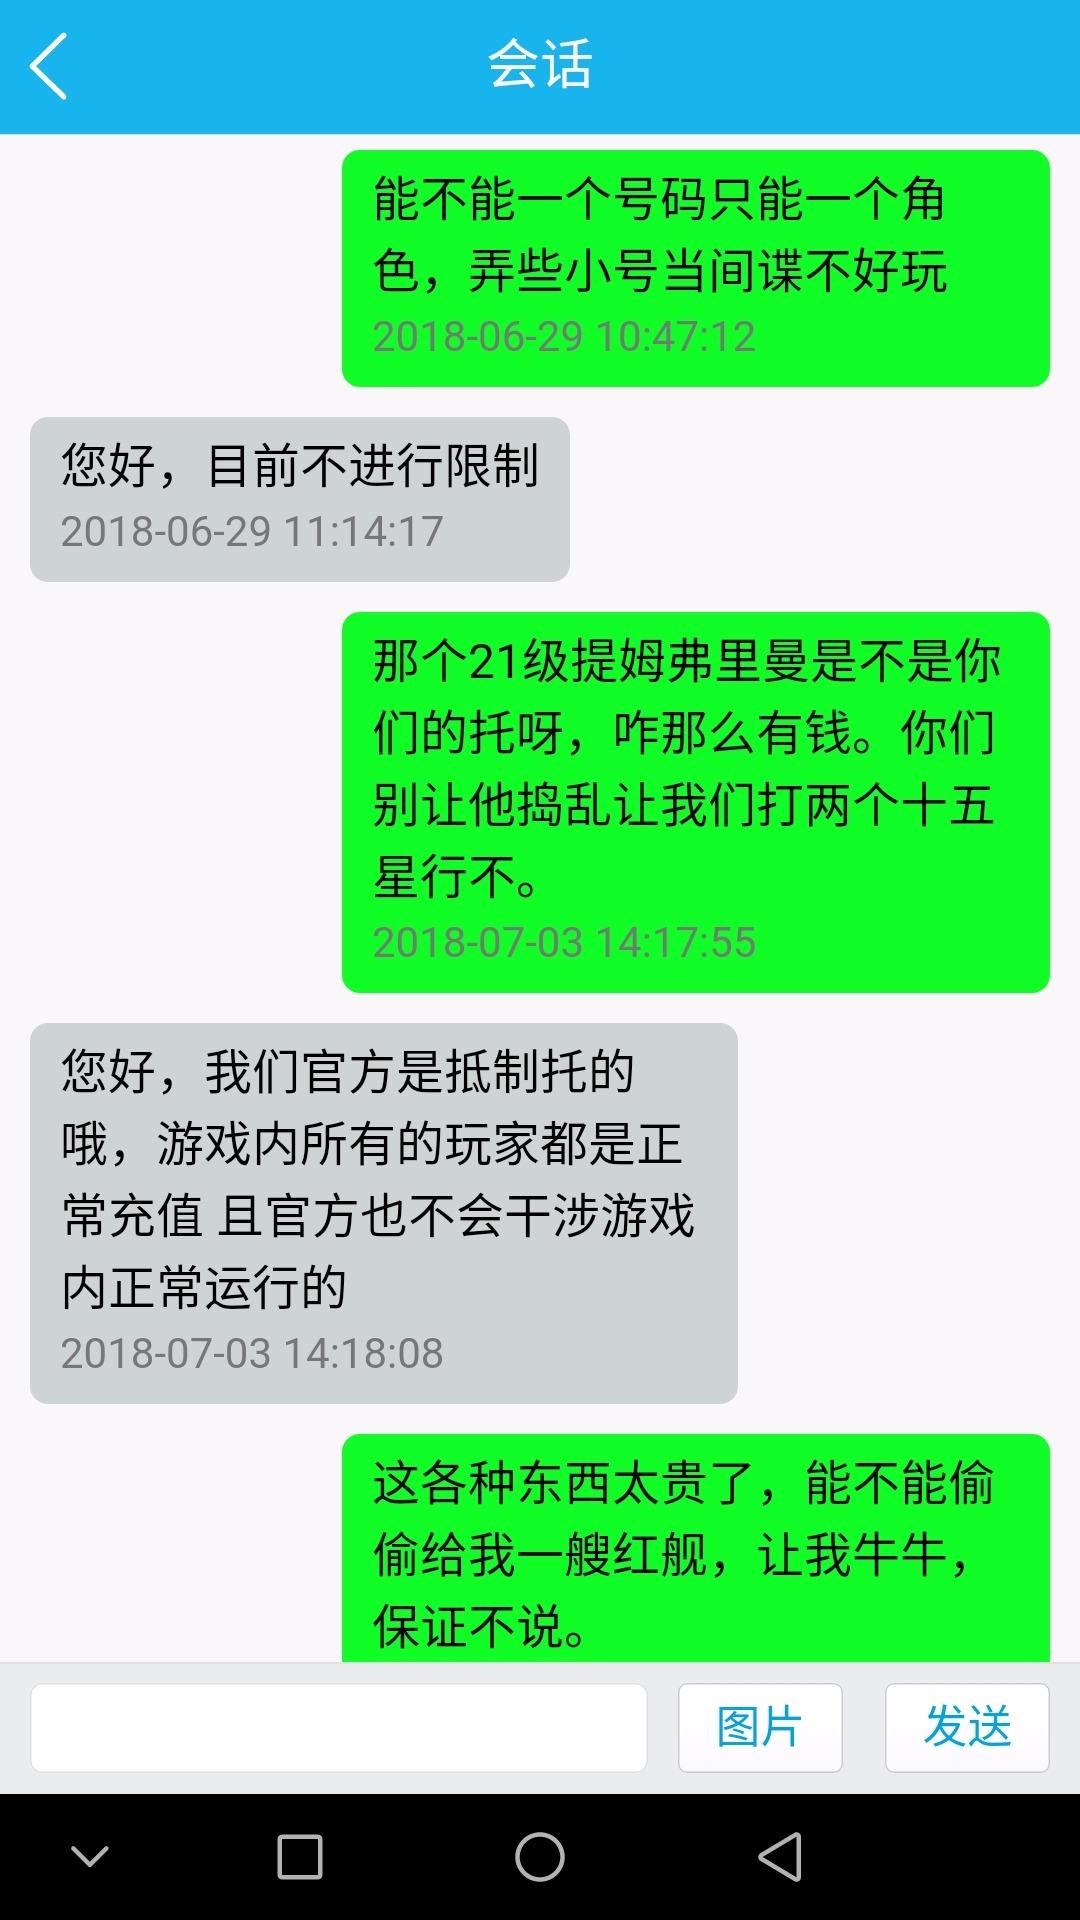 Screenshot_20180824-205402.jpg